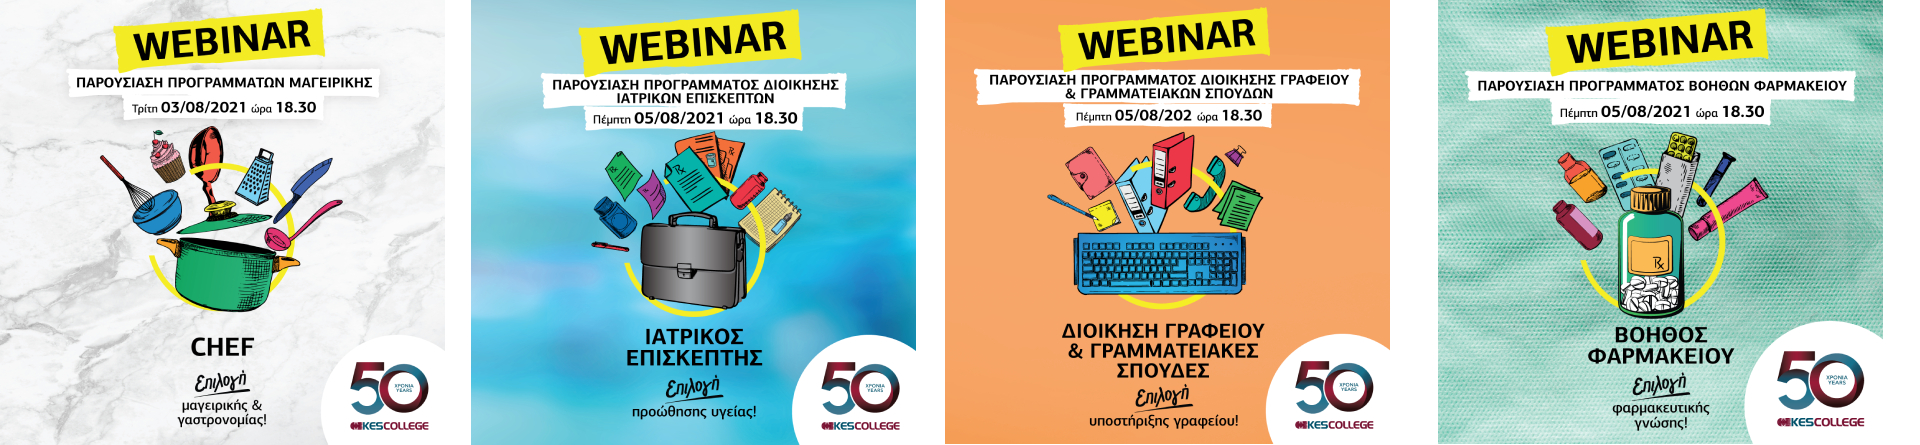 Διαδικτυακές Παρουσιάσεις Ενημέρωσης των Προγραμμάτων Σπουδών (03 - 05/08/2021)